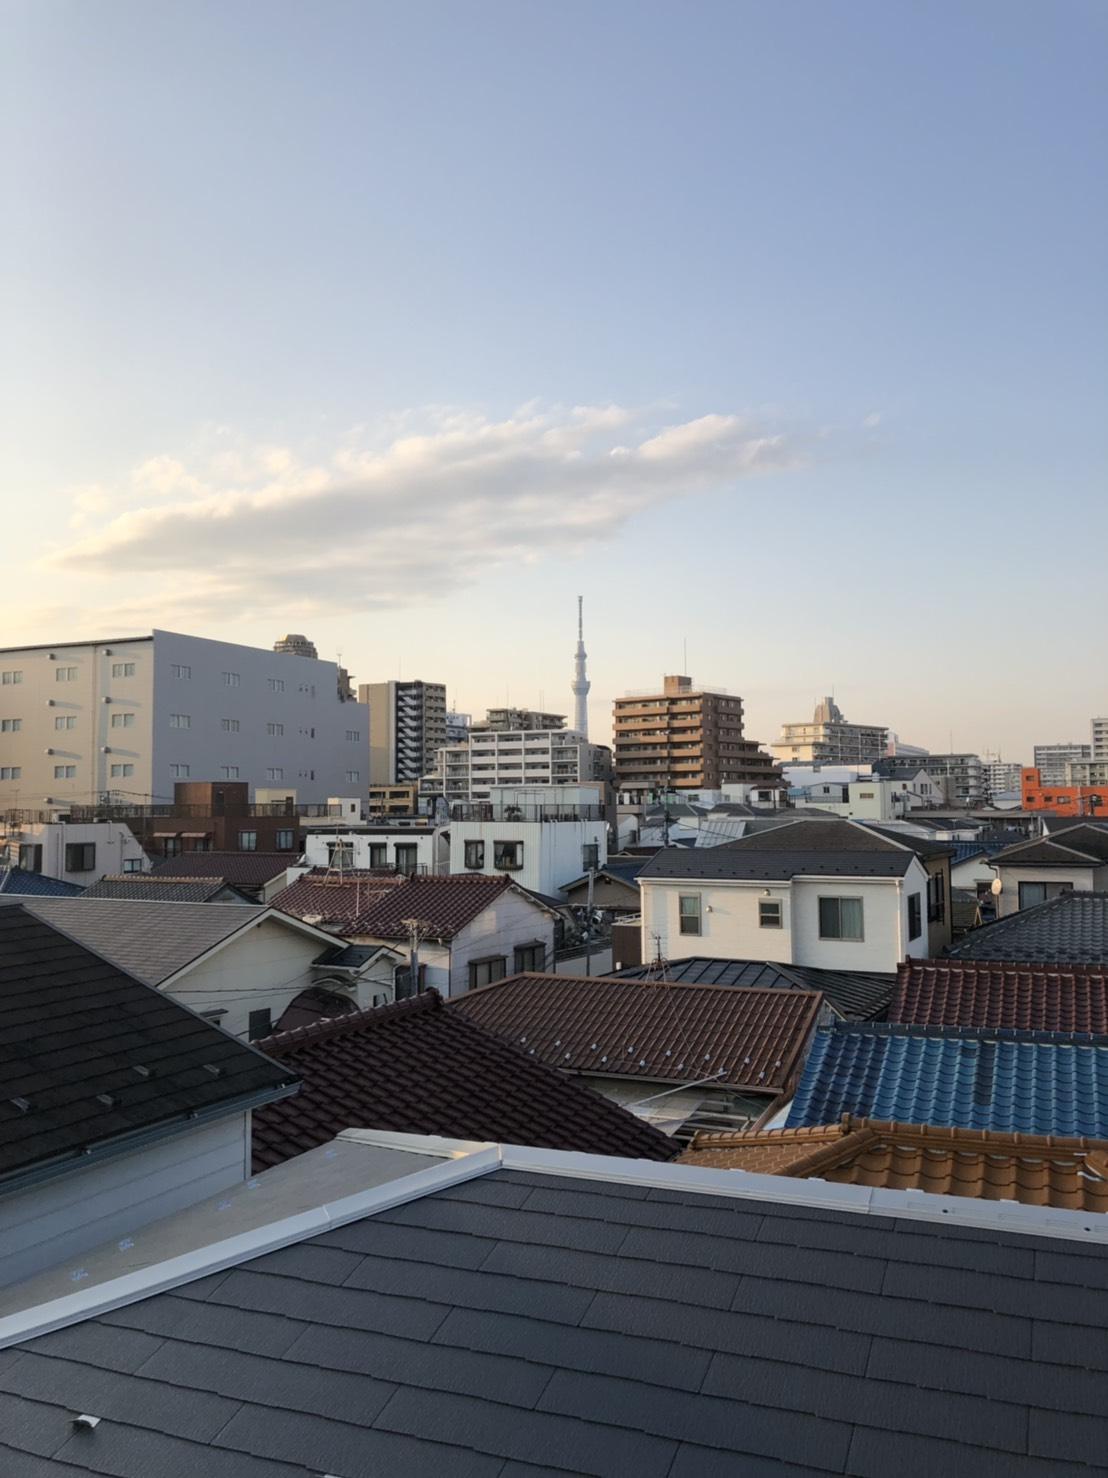 3階建て戸建物件、アンテナ工事前の写真です。遠くには、電波塔・東京スカイツリーも見えます。